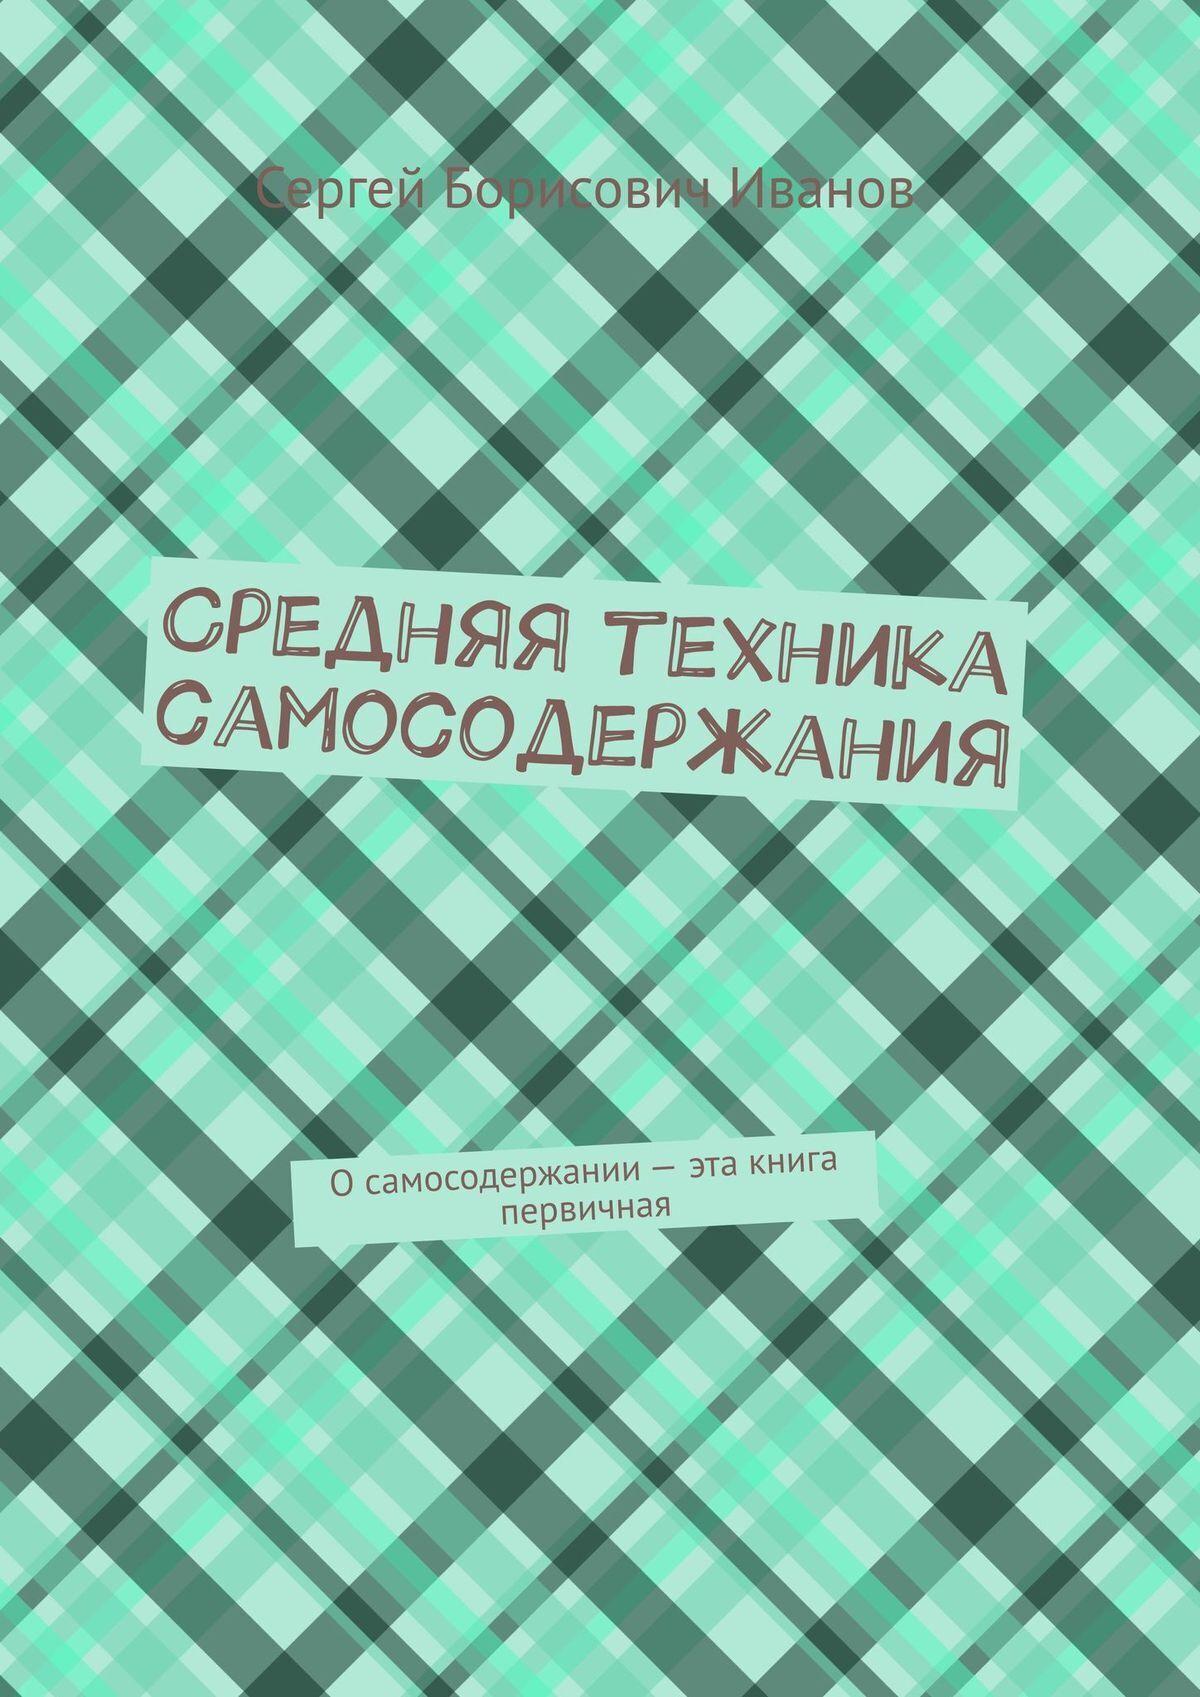 Сергей Иванов - Средняя техника самосодержания. Книга среднего уровня, мечтание с ситуацией